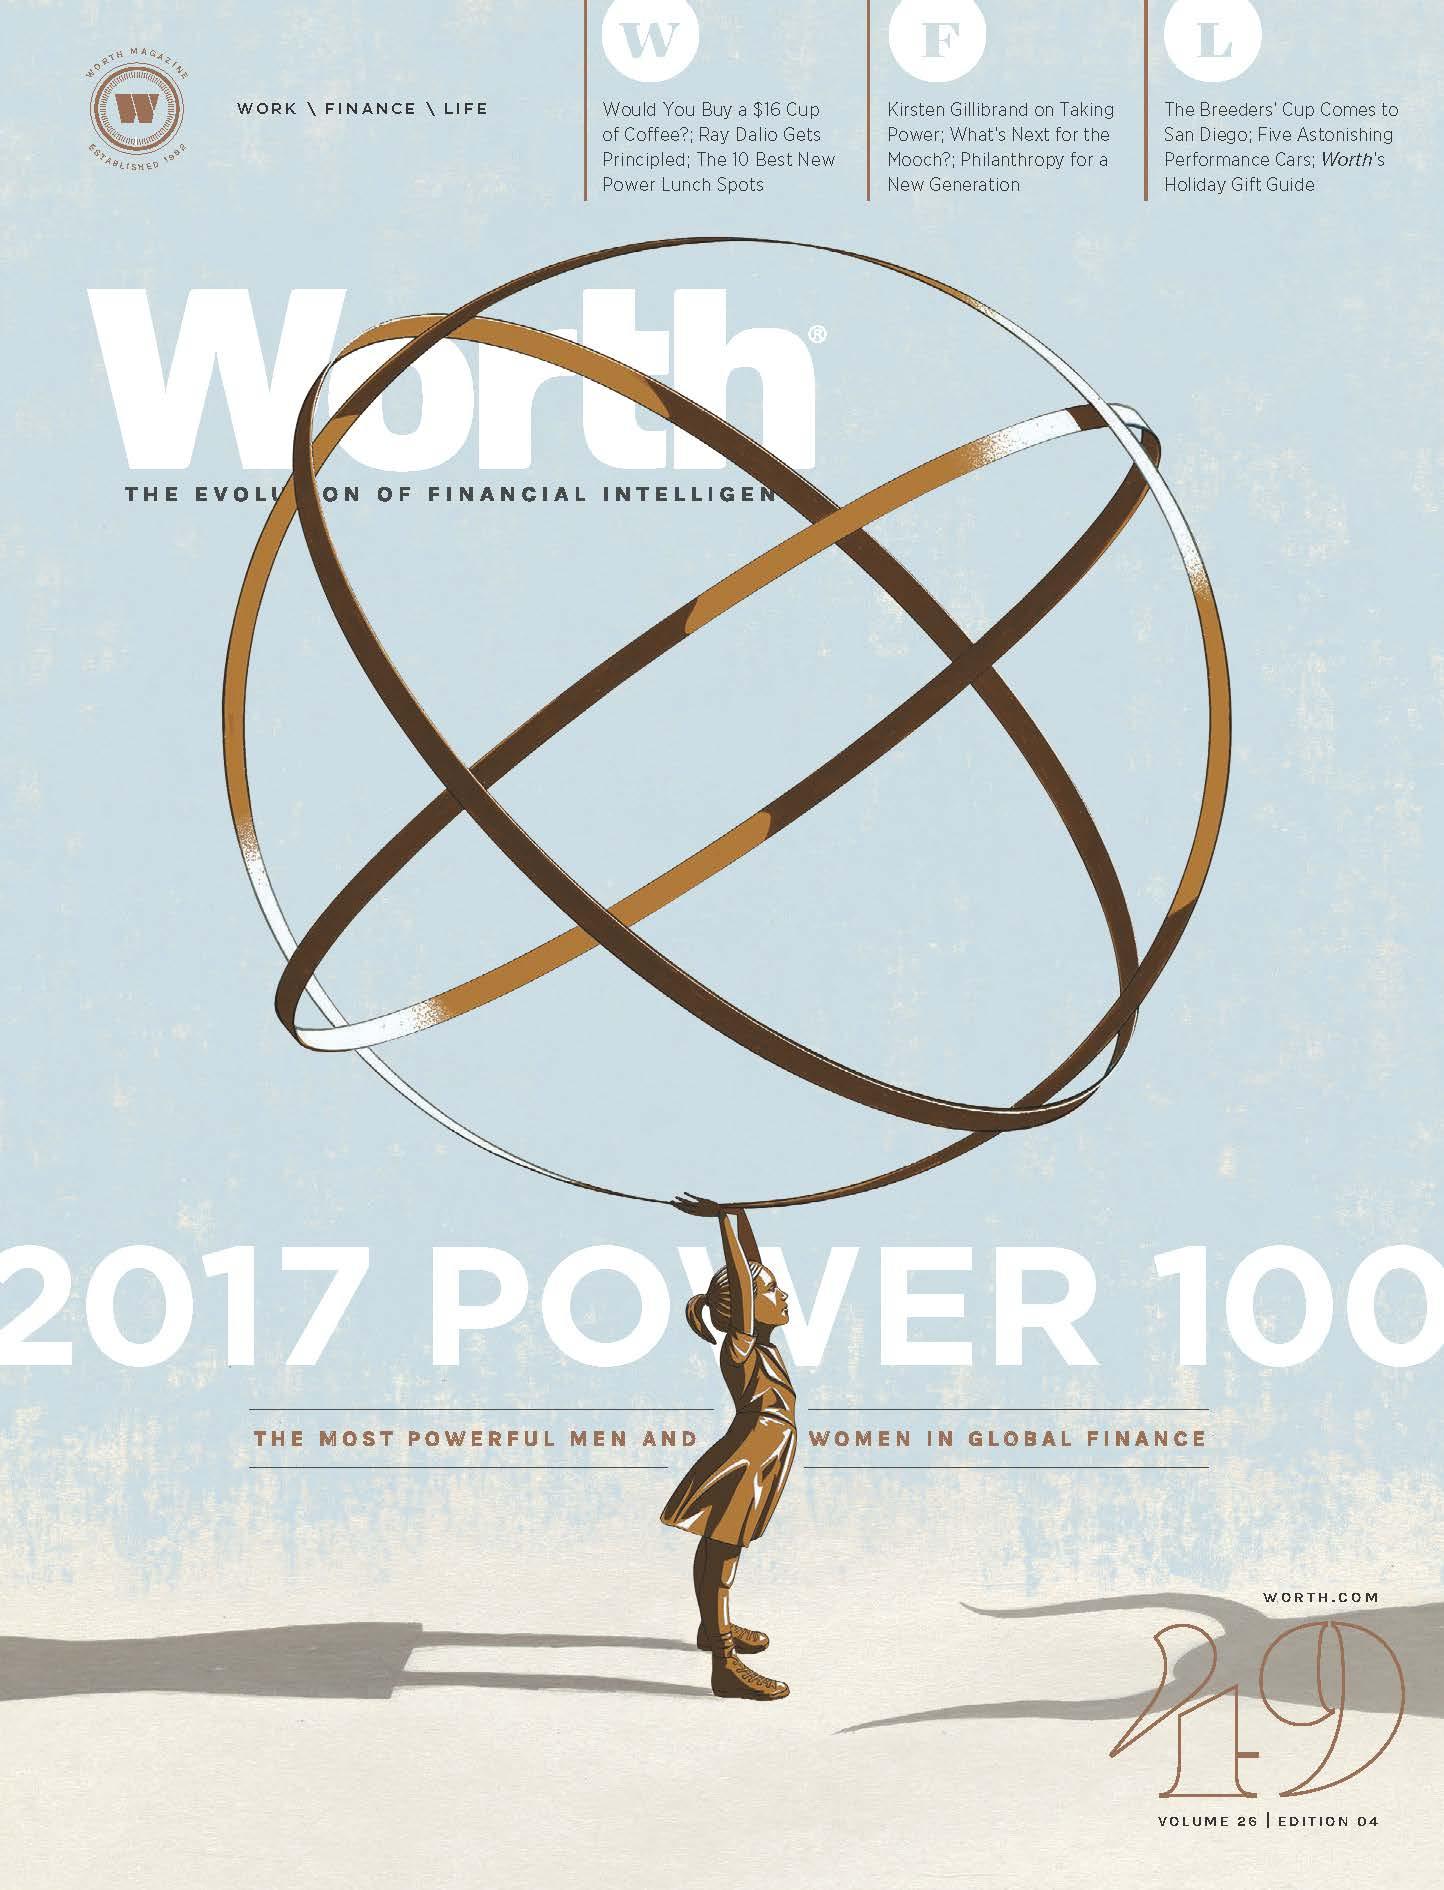 7 - Q4 2017 Cover